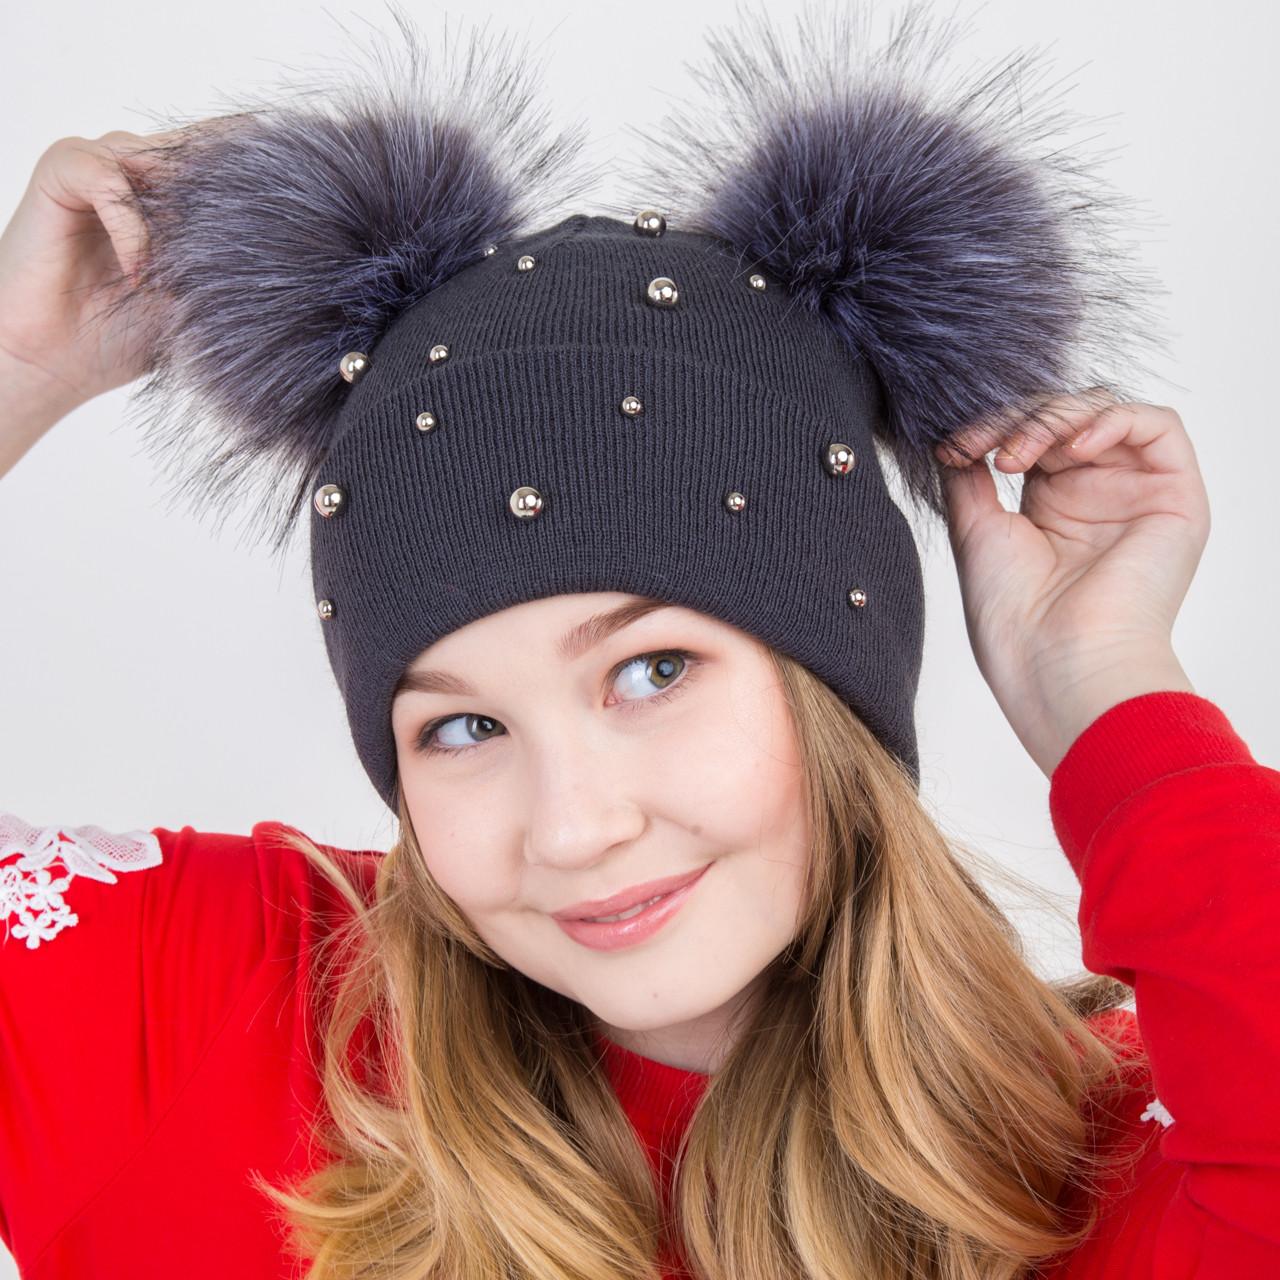 Вязанная шапка с меховыми помпонам - Микки Маус - для девочек на зиму - Артикул 2172 (серая)